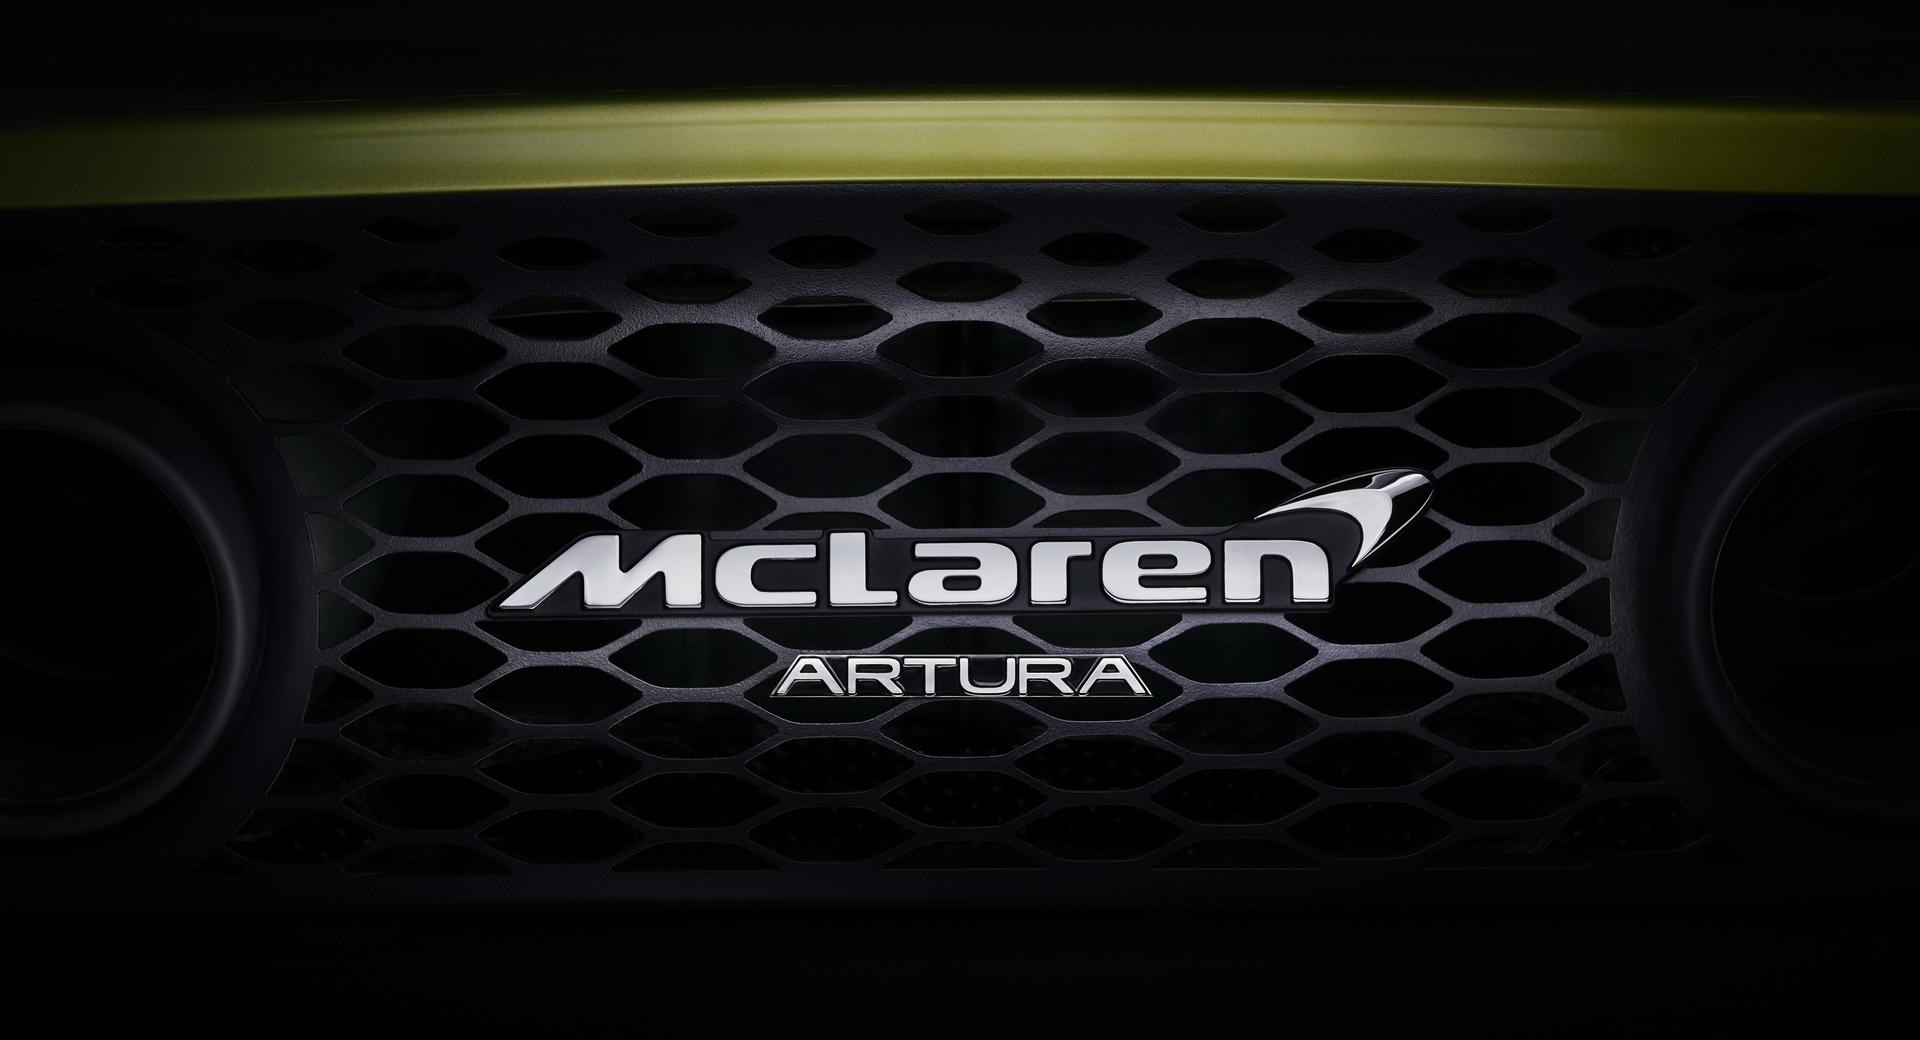 mclaren-artura-confirmed-as-hybrid-supercar-2